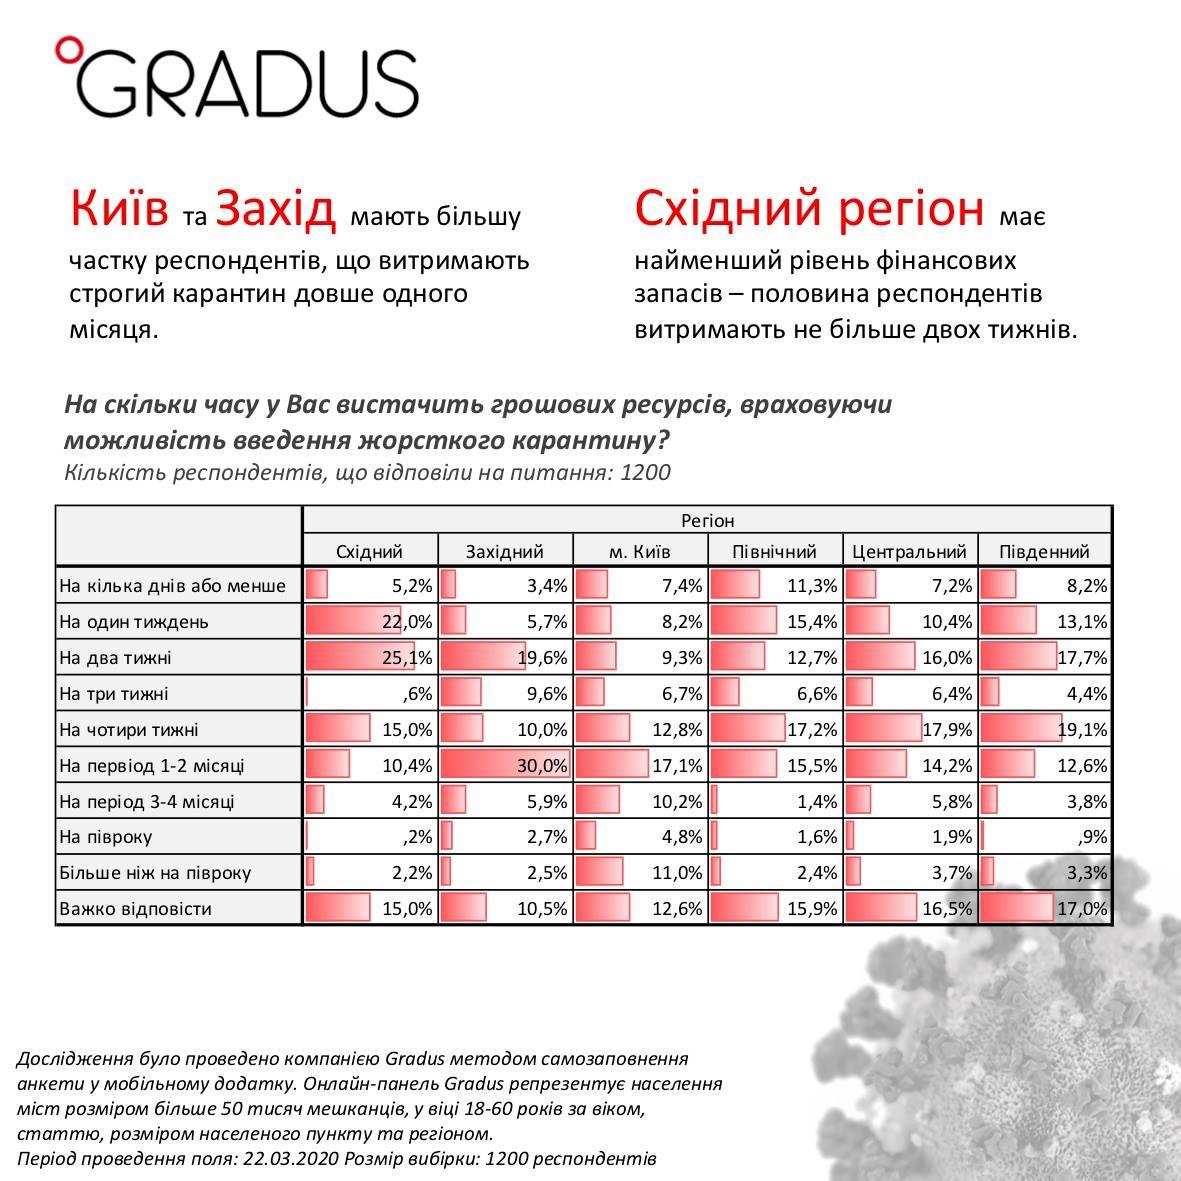 Більшість українців не зможуть пережити карантин понад місяць: опитування